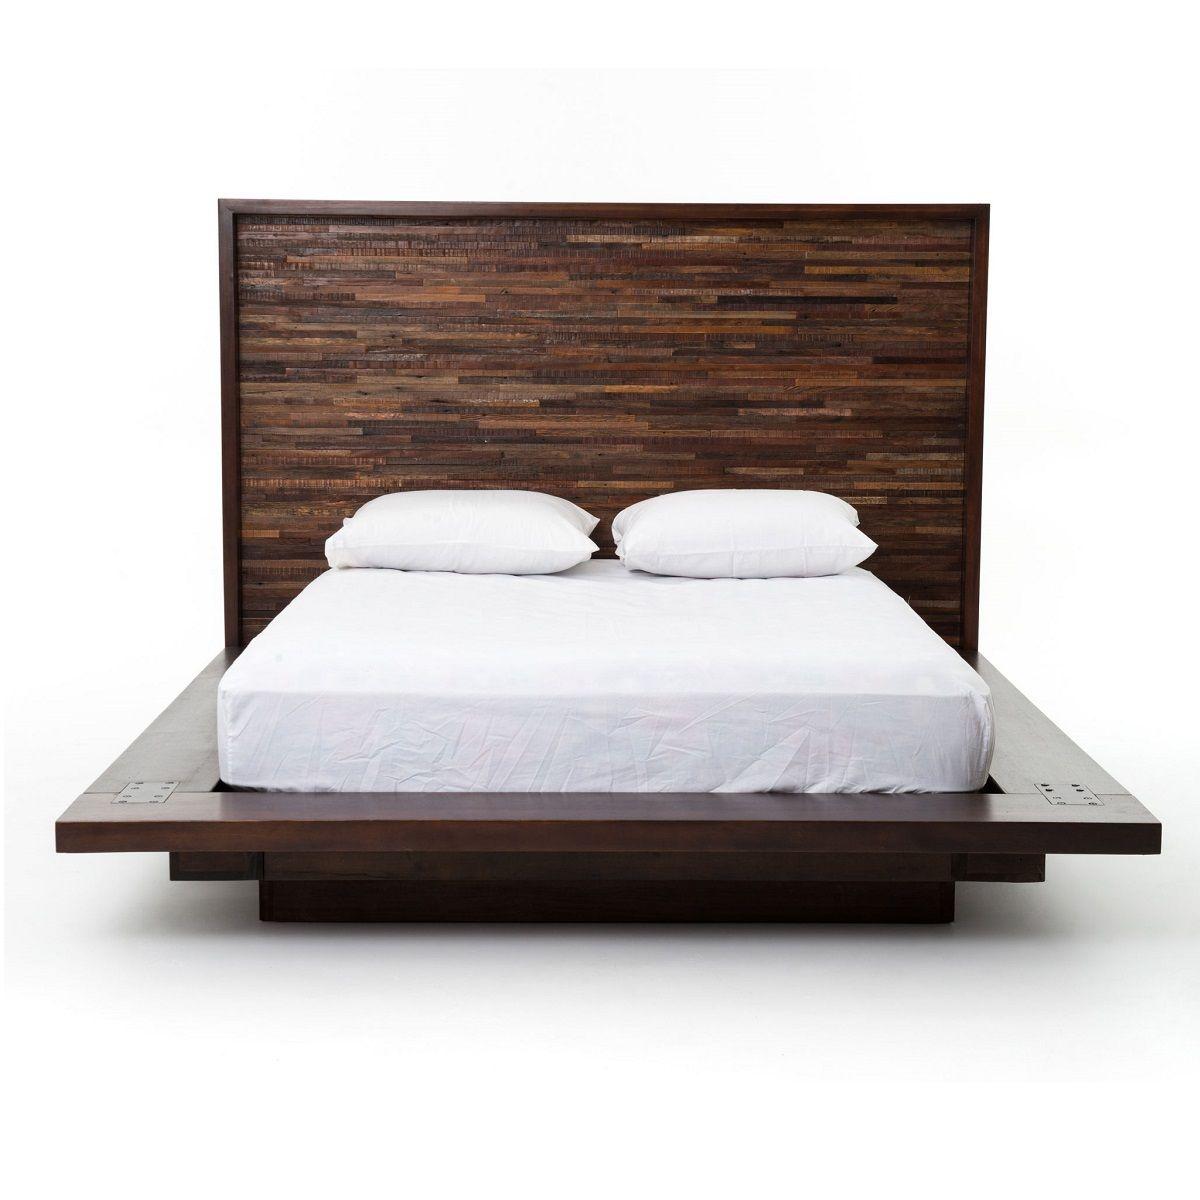 Devon Reclaimed Wood King Platform Bed Frame | Camas